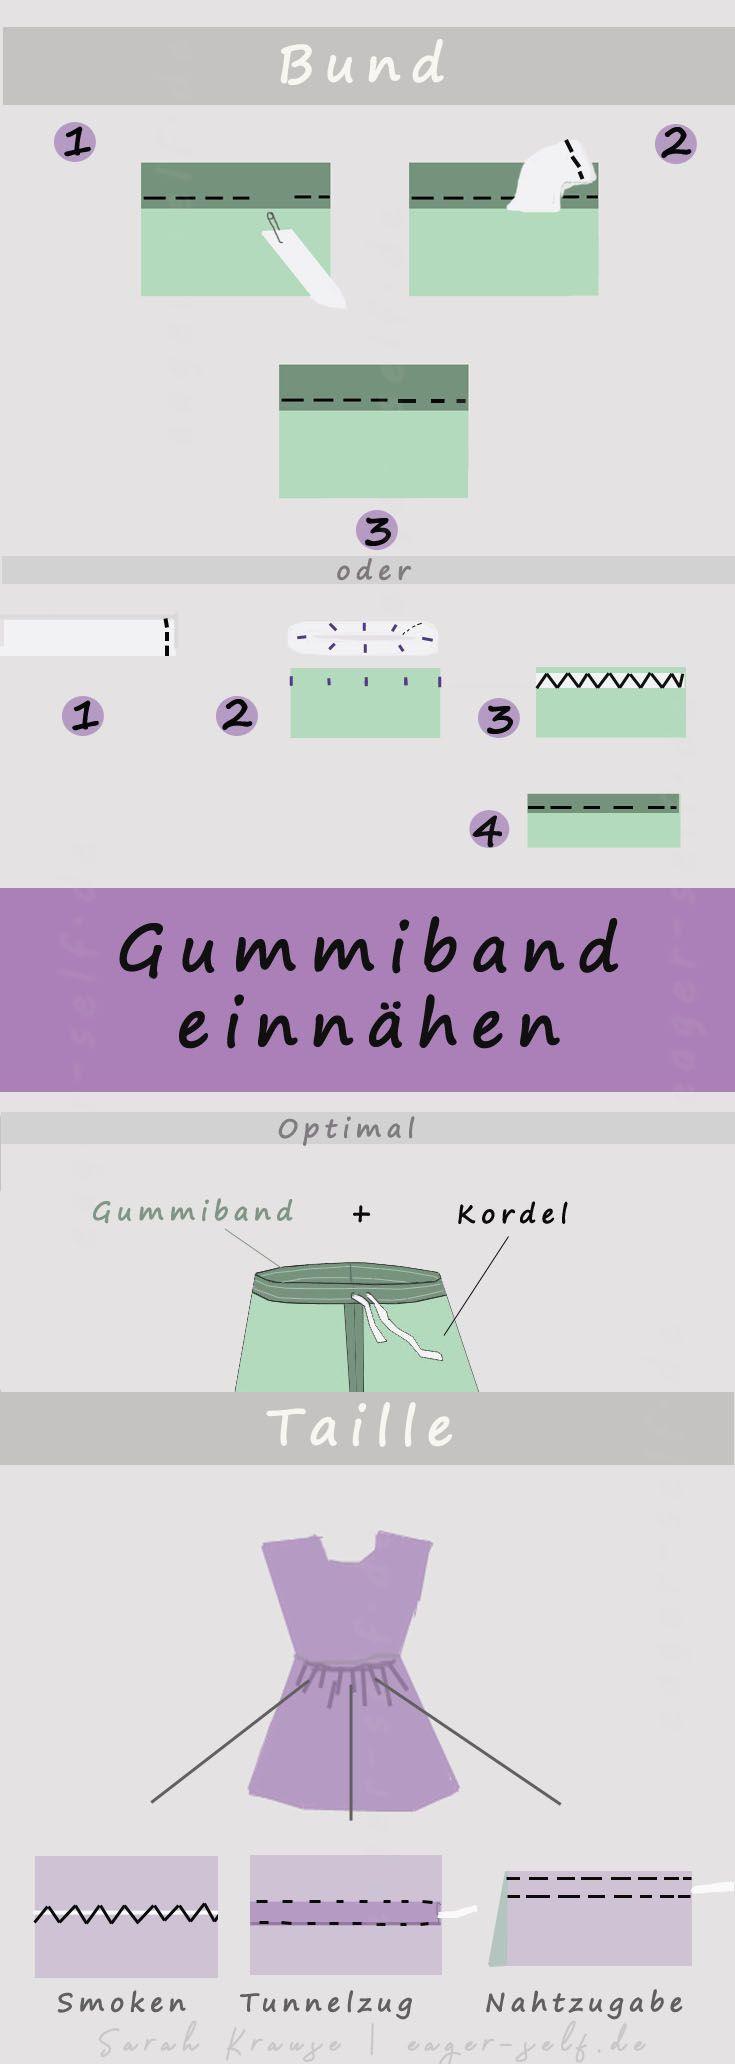 Gummiband einnähen in wenigen Schritten- im Bund oder an der Taille. Alle gängigen Methoden einfach und mit vielen Bildern erklärt.